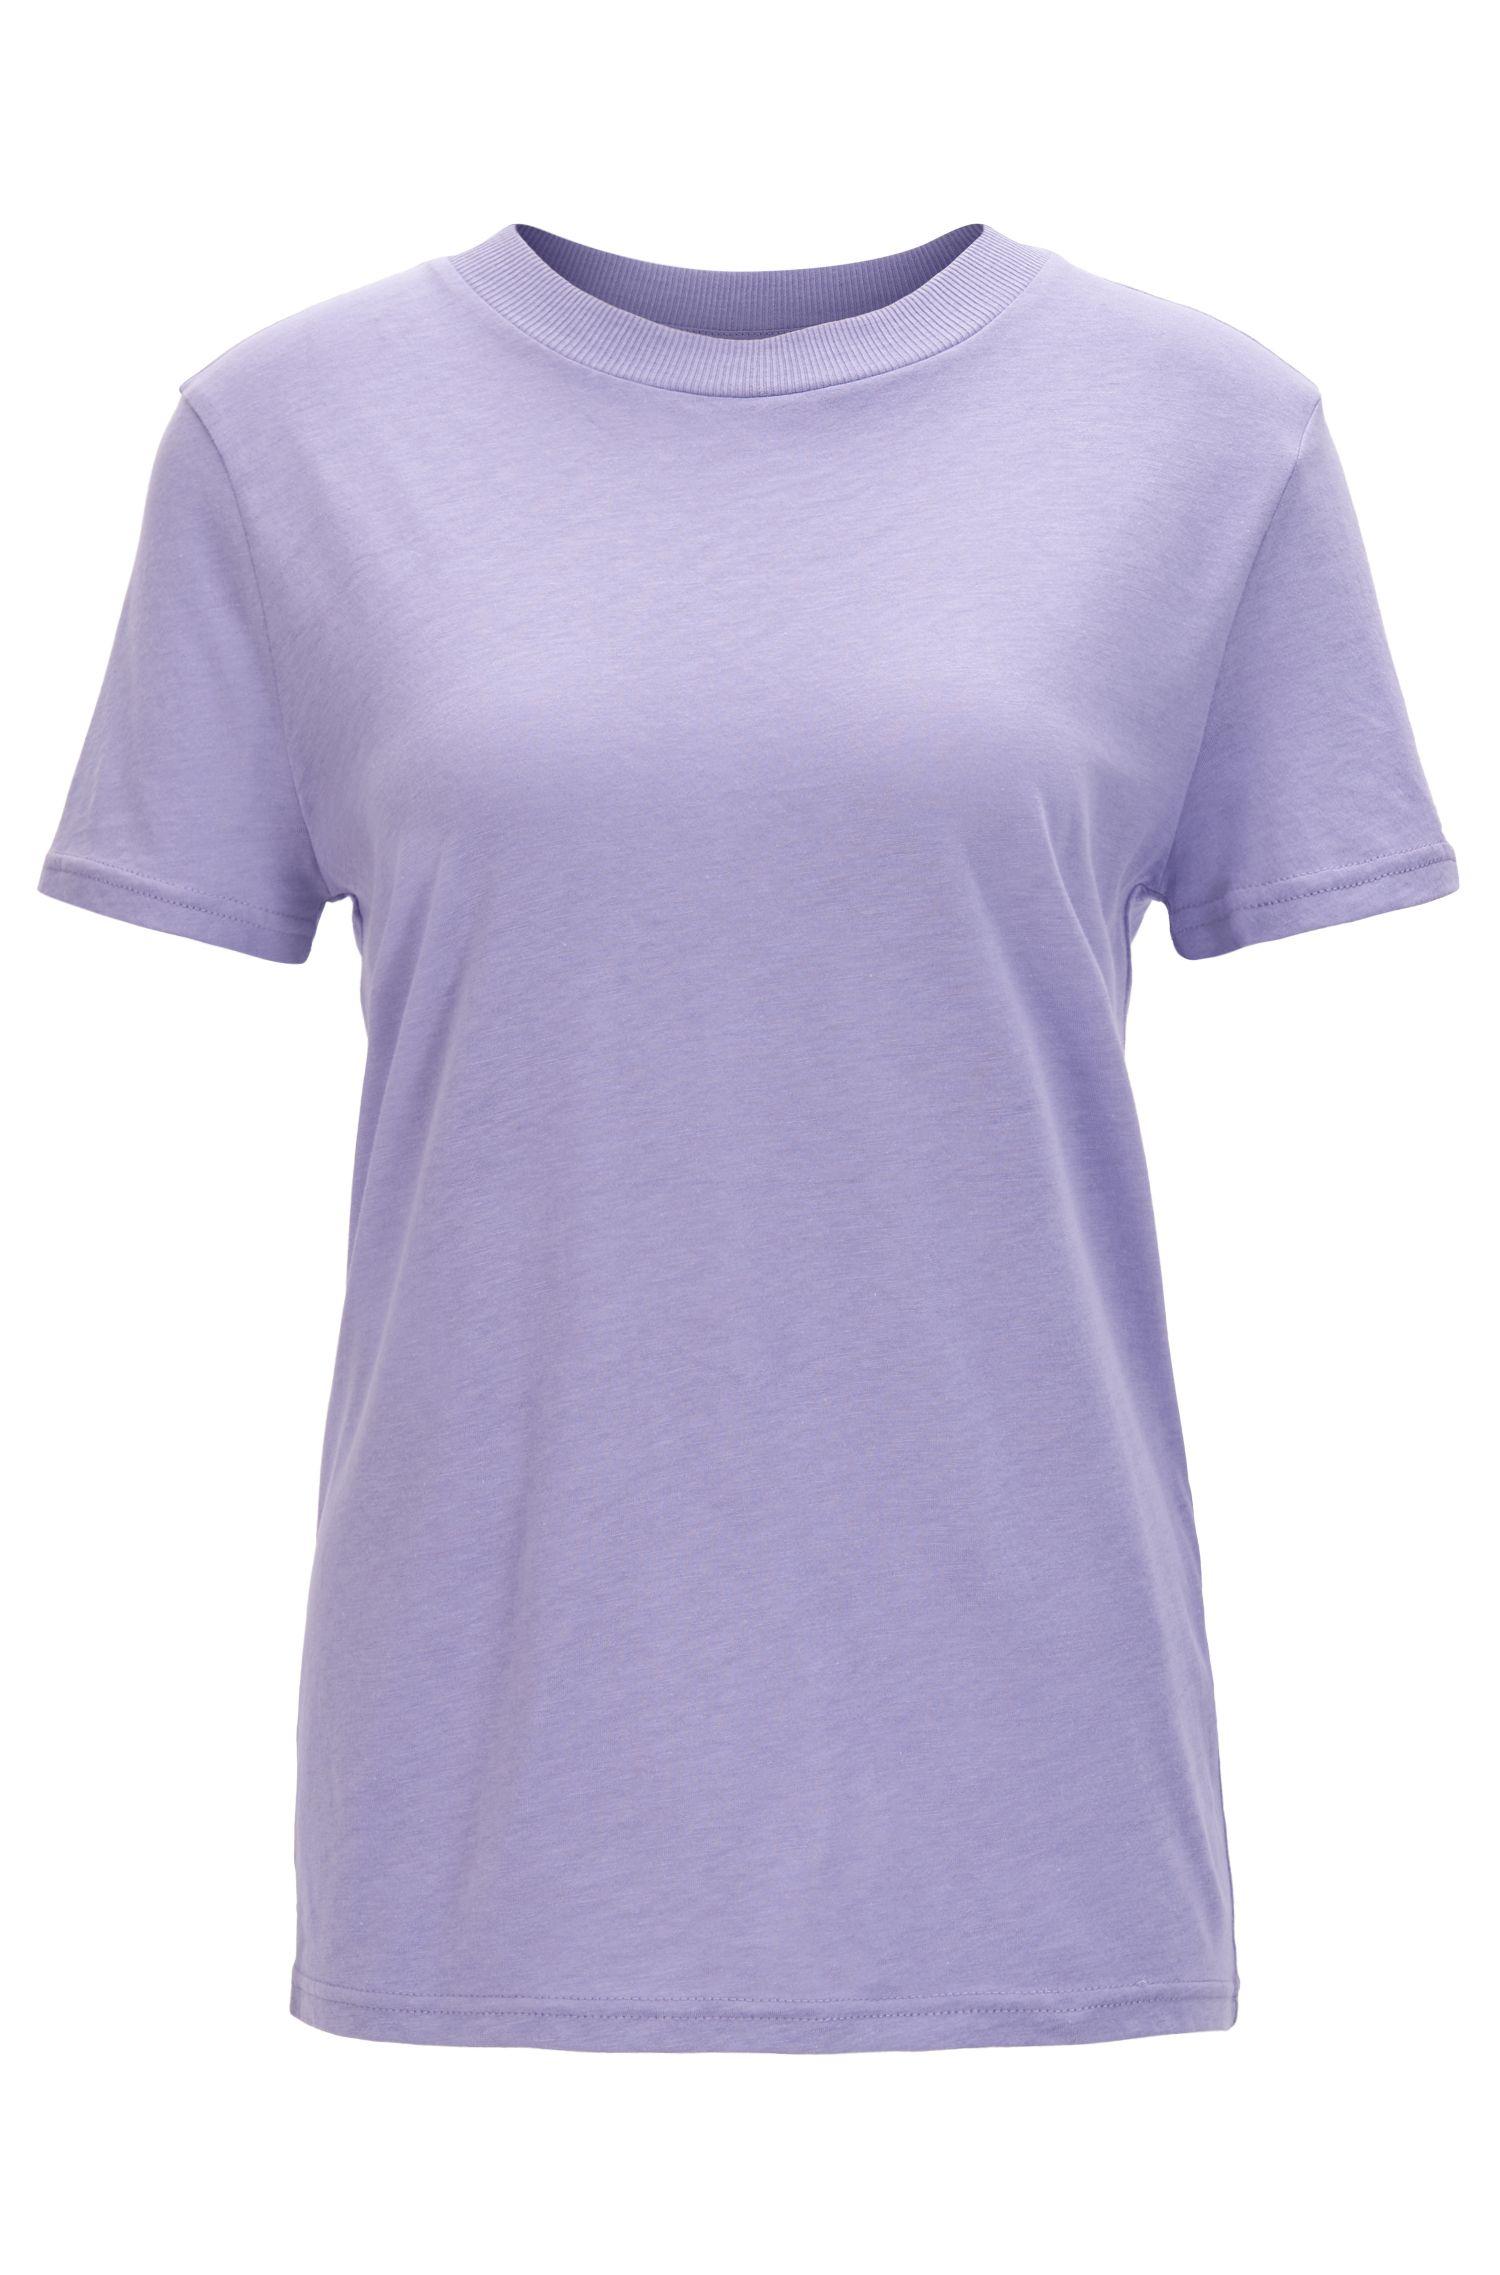 Camiseta oversized fit en mezcla de algodón con cuello especial